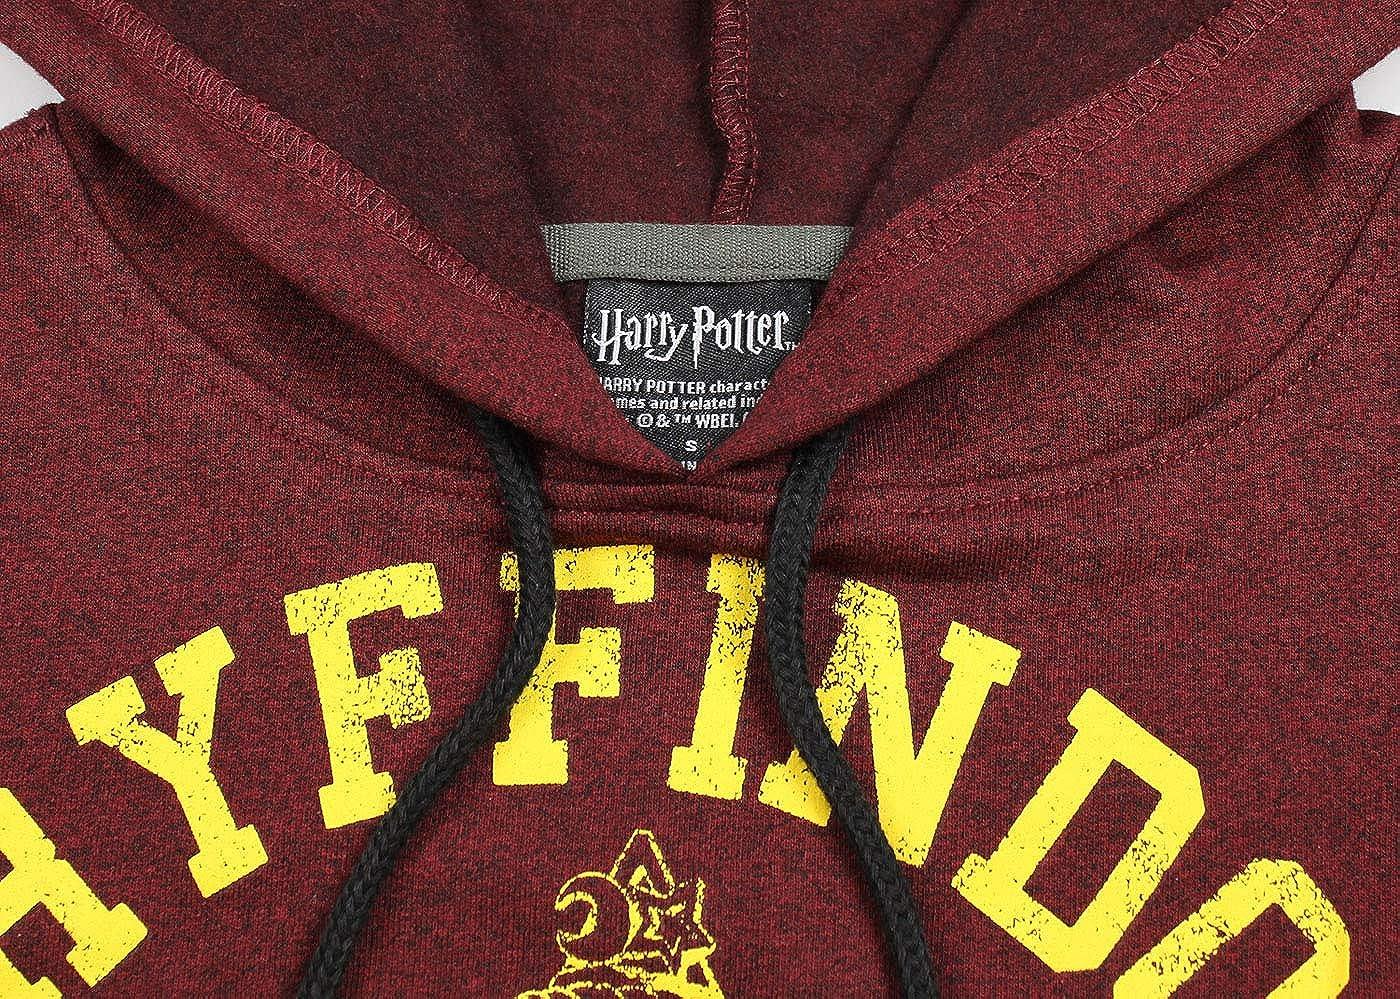 Hombres Chaqueta con Capucha de Harry Potter Quidditch Pullover Gryffindor Cresta Angustiado, XL